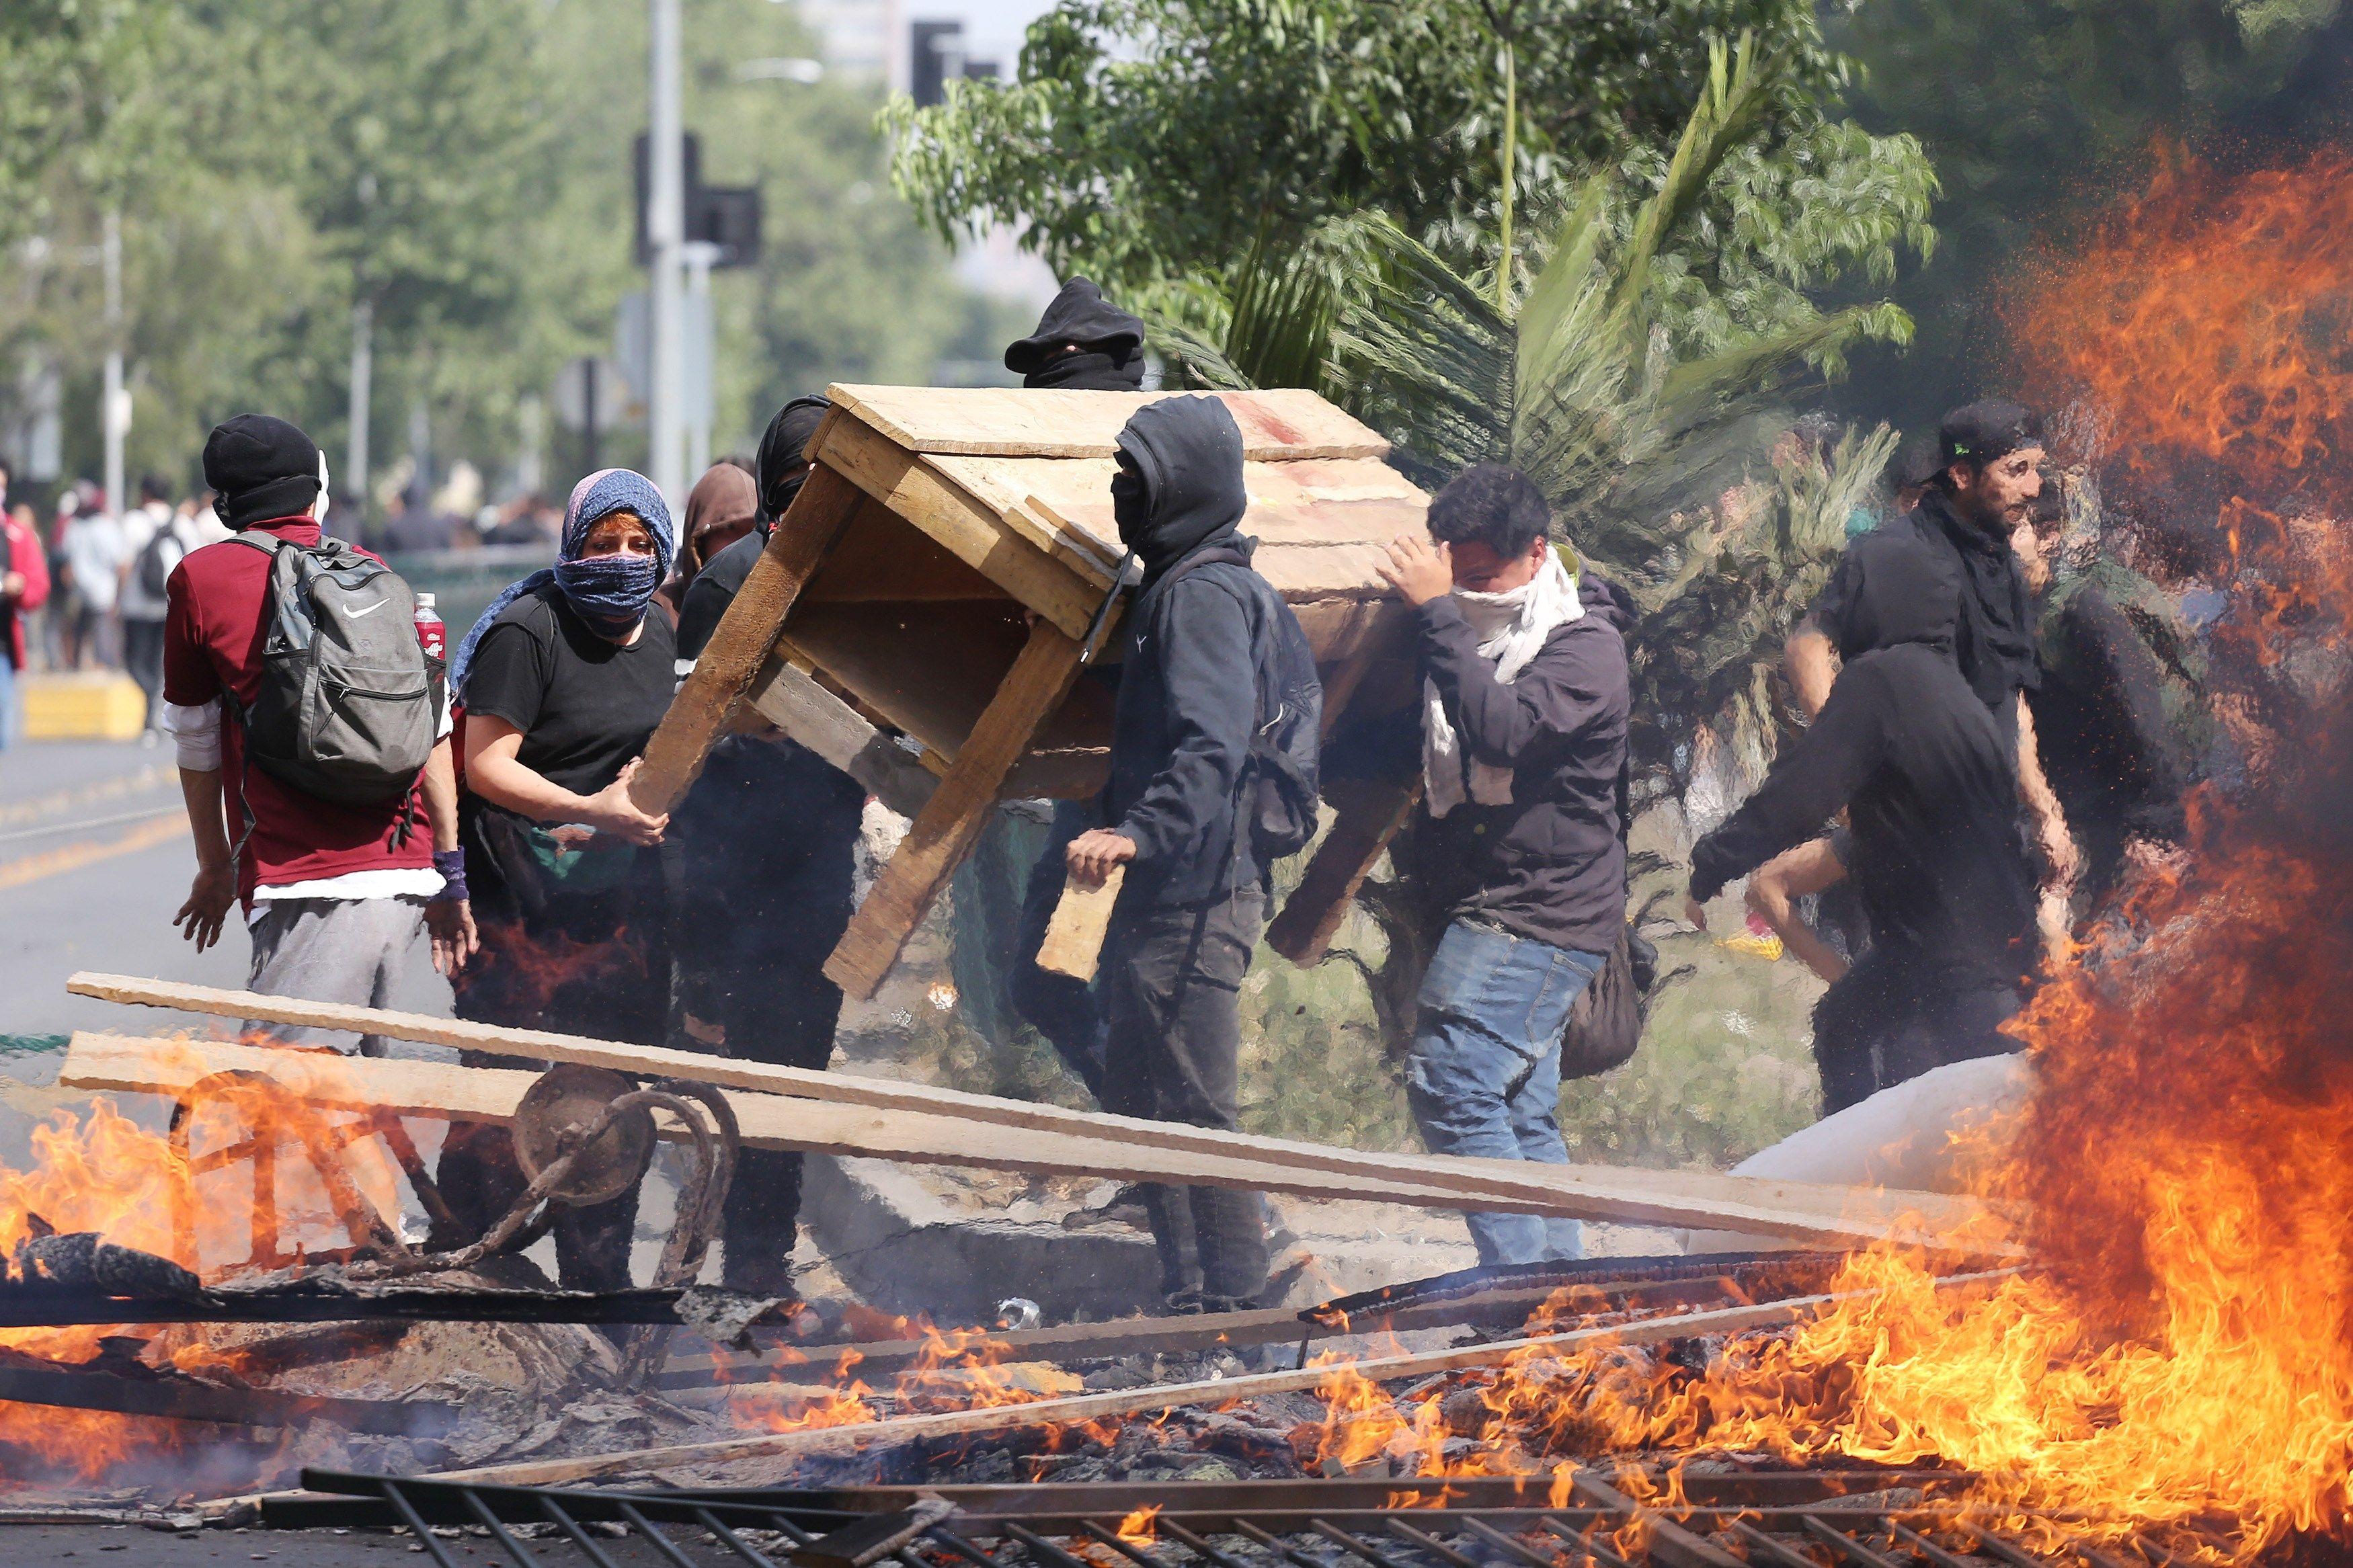 Chile en máxima tensión bajo fuego, pedreas, cacerolazos, saqueos y toque de queda | EL FRENTE